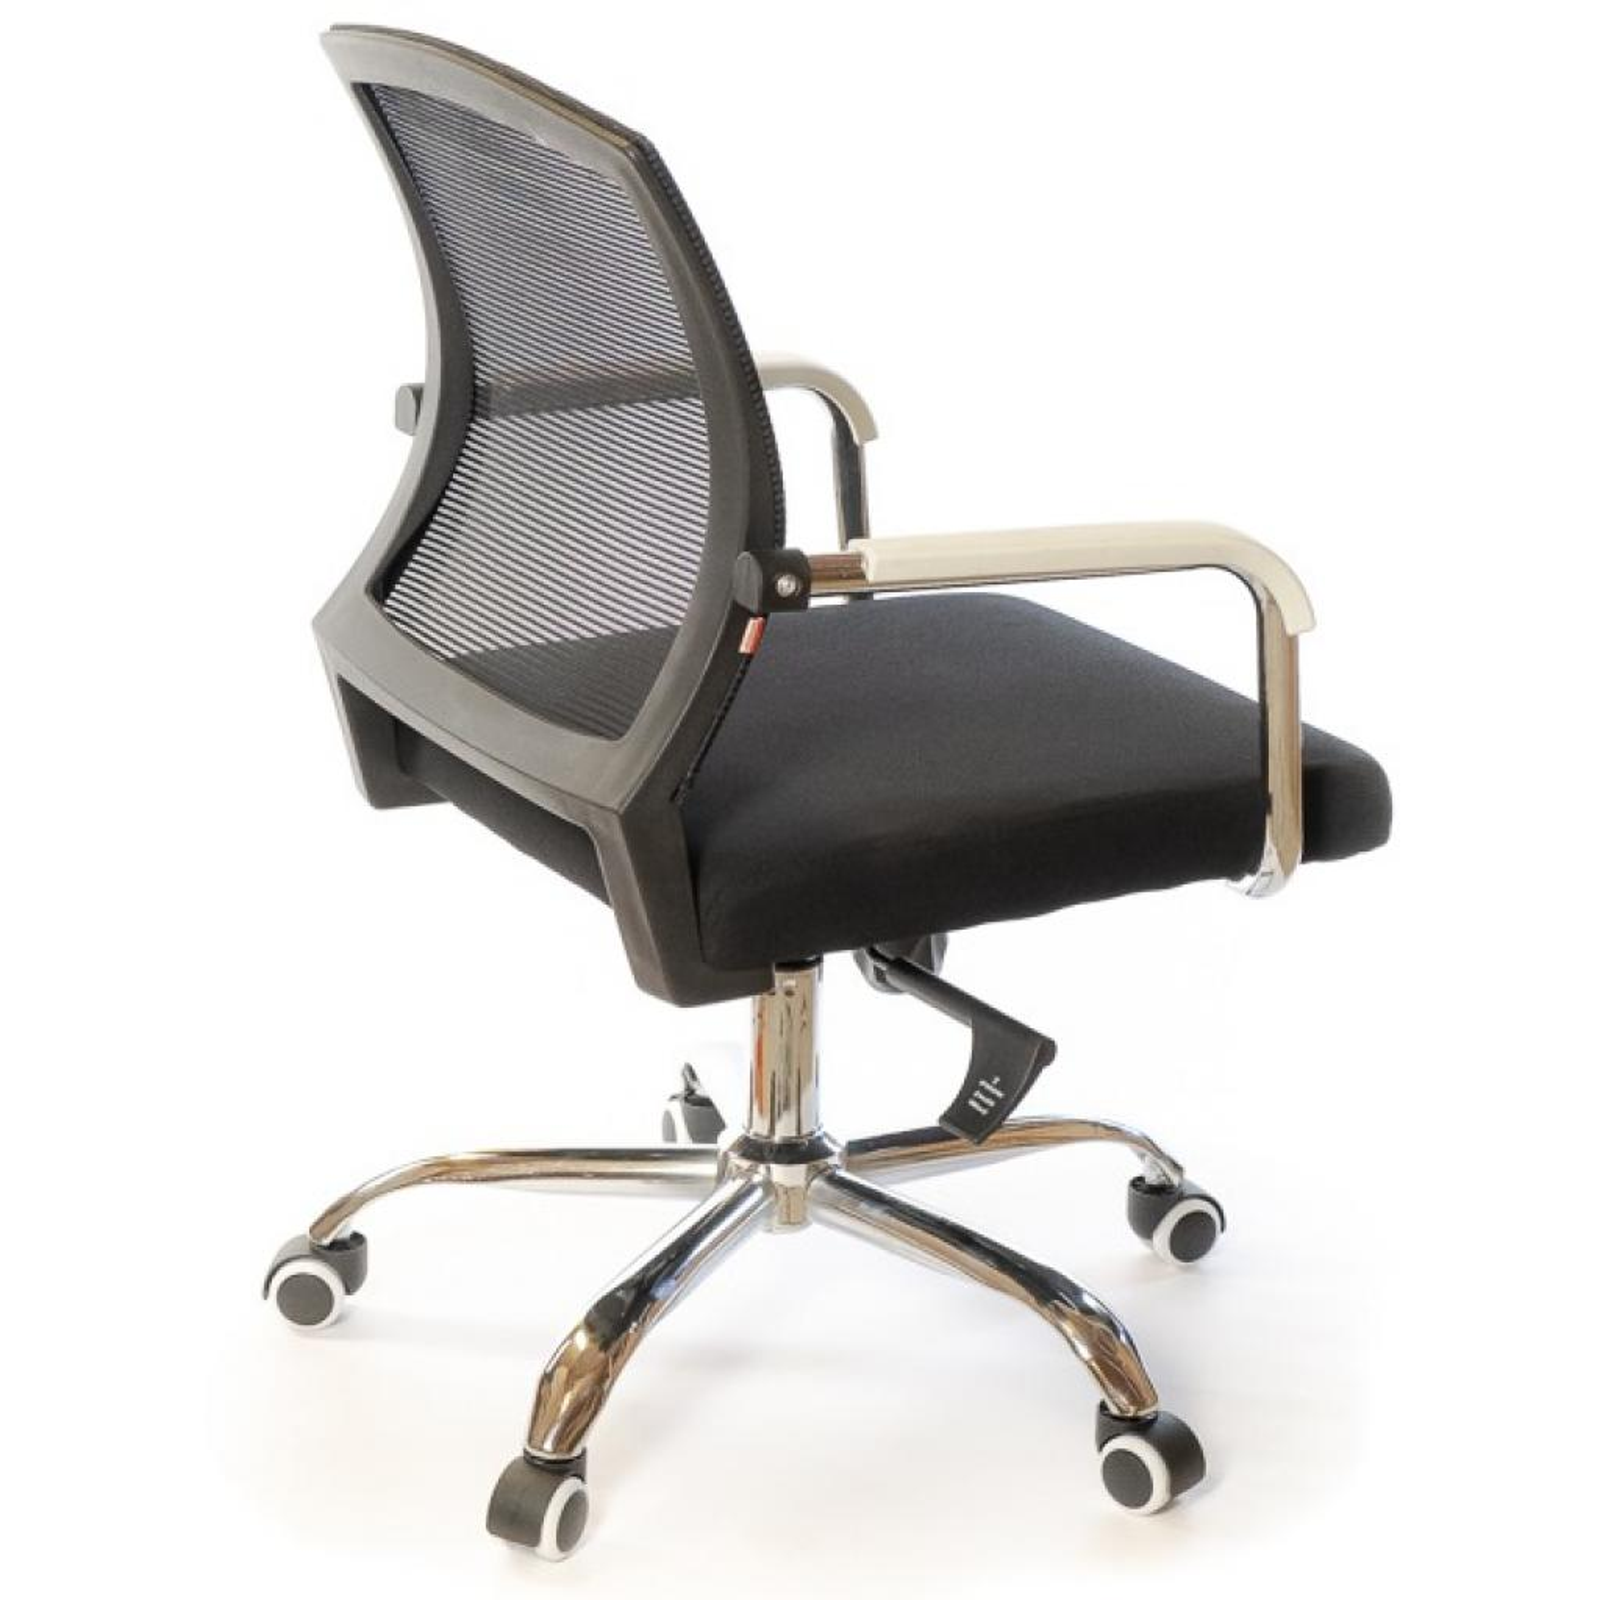 Офисное кресло Аклас Стром W CH TILT Черное (12759) изображение 4